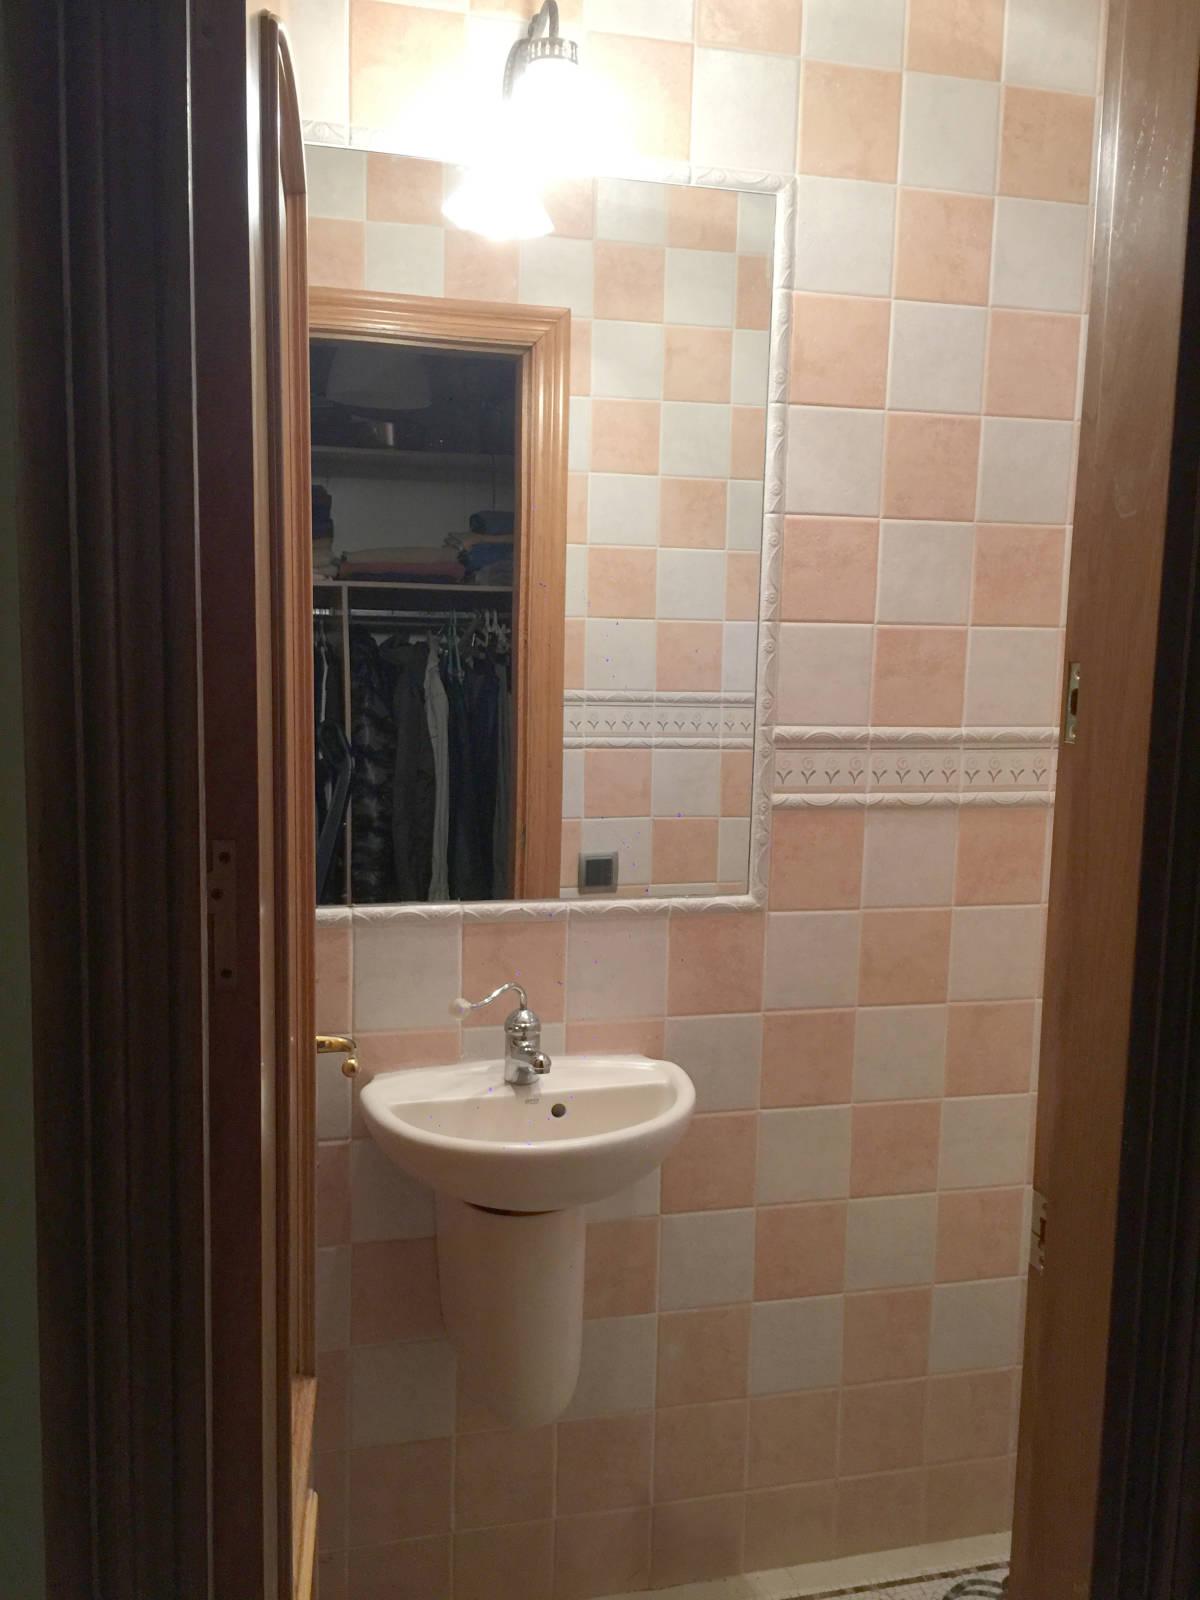 Foto 10 - Casa adosada en Reus con 3 pisos independientes